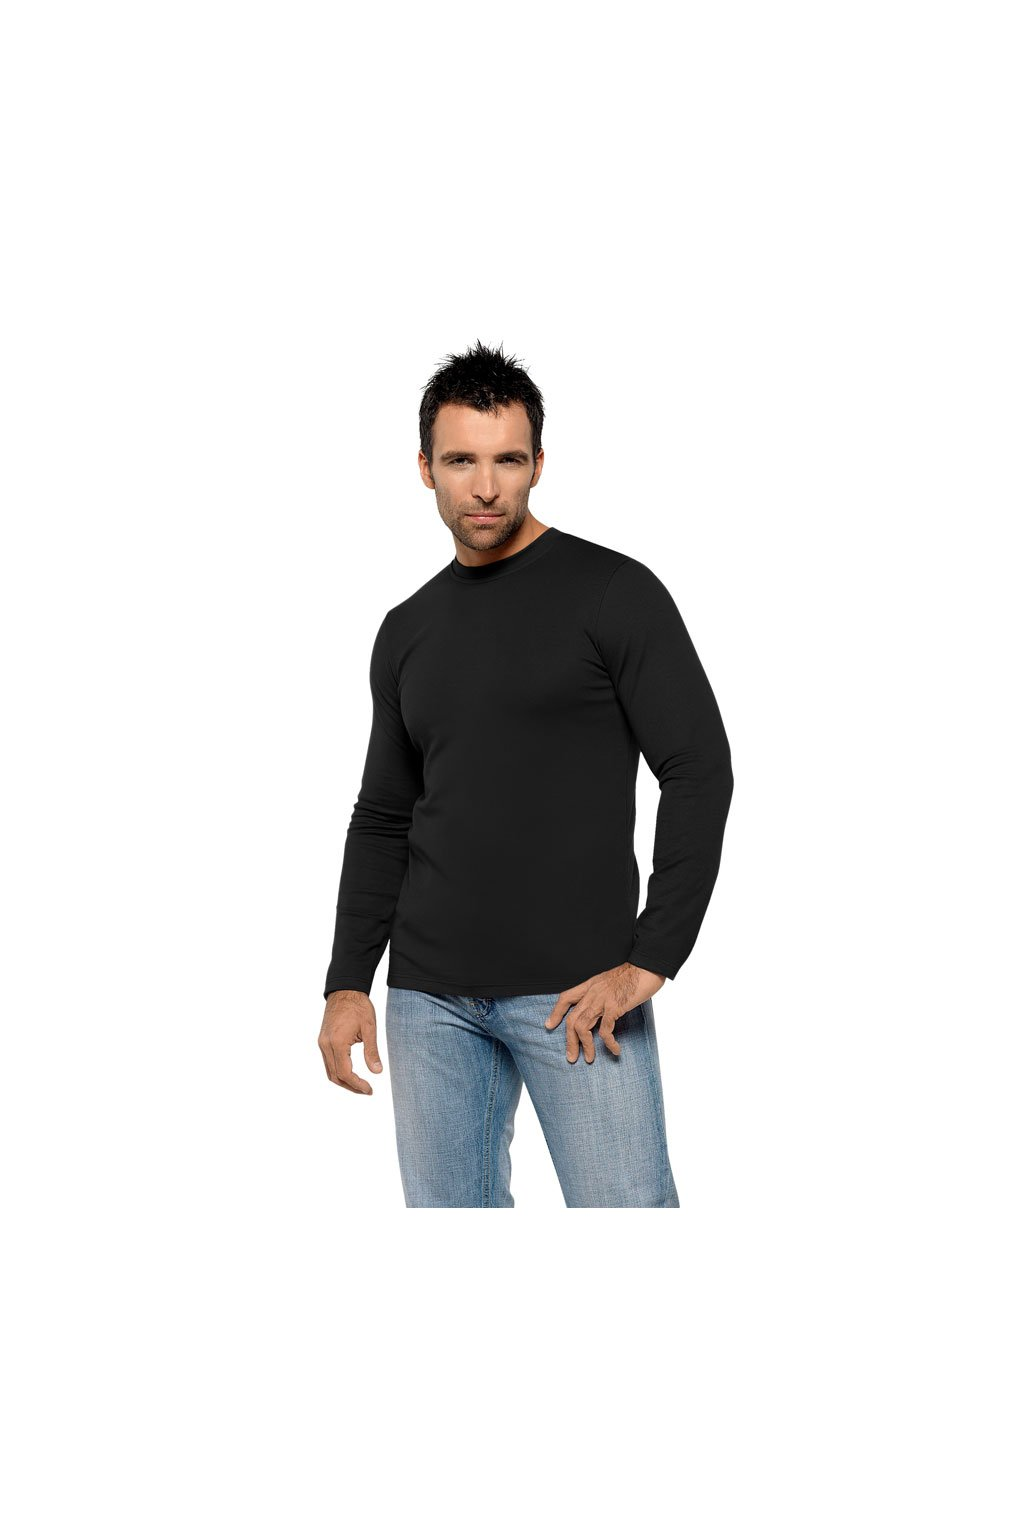 Pánské tričko s dlouhým rukávem, 20308 29, černá